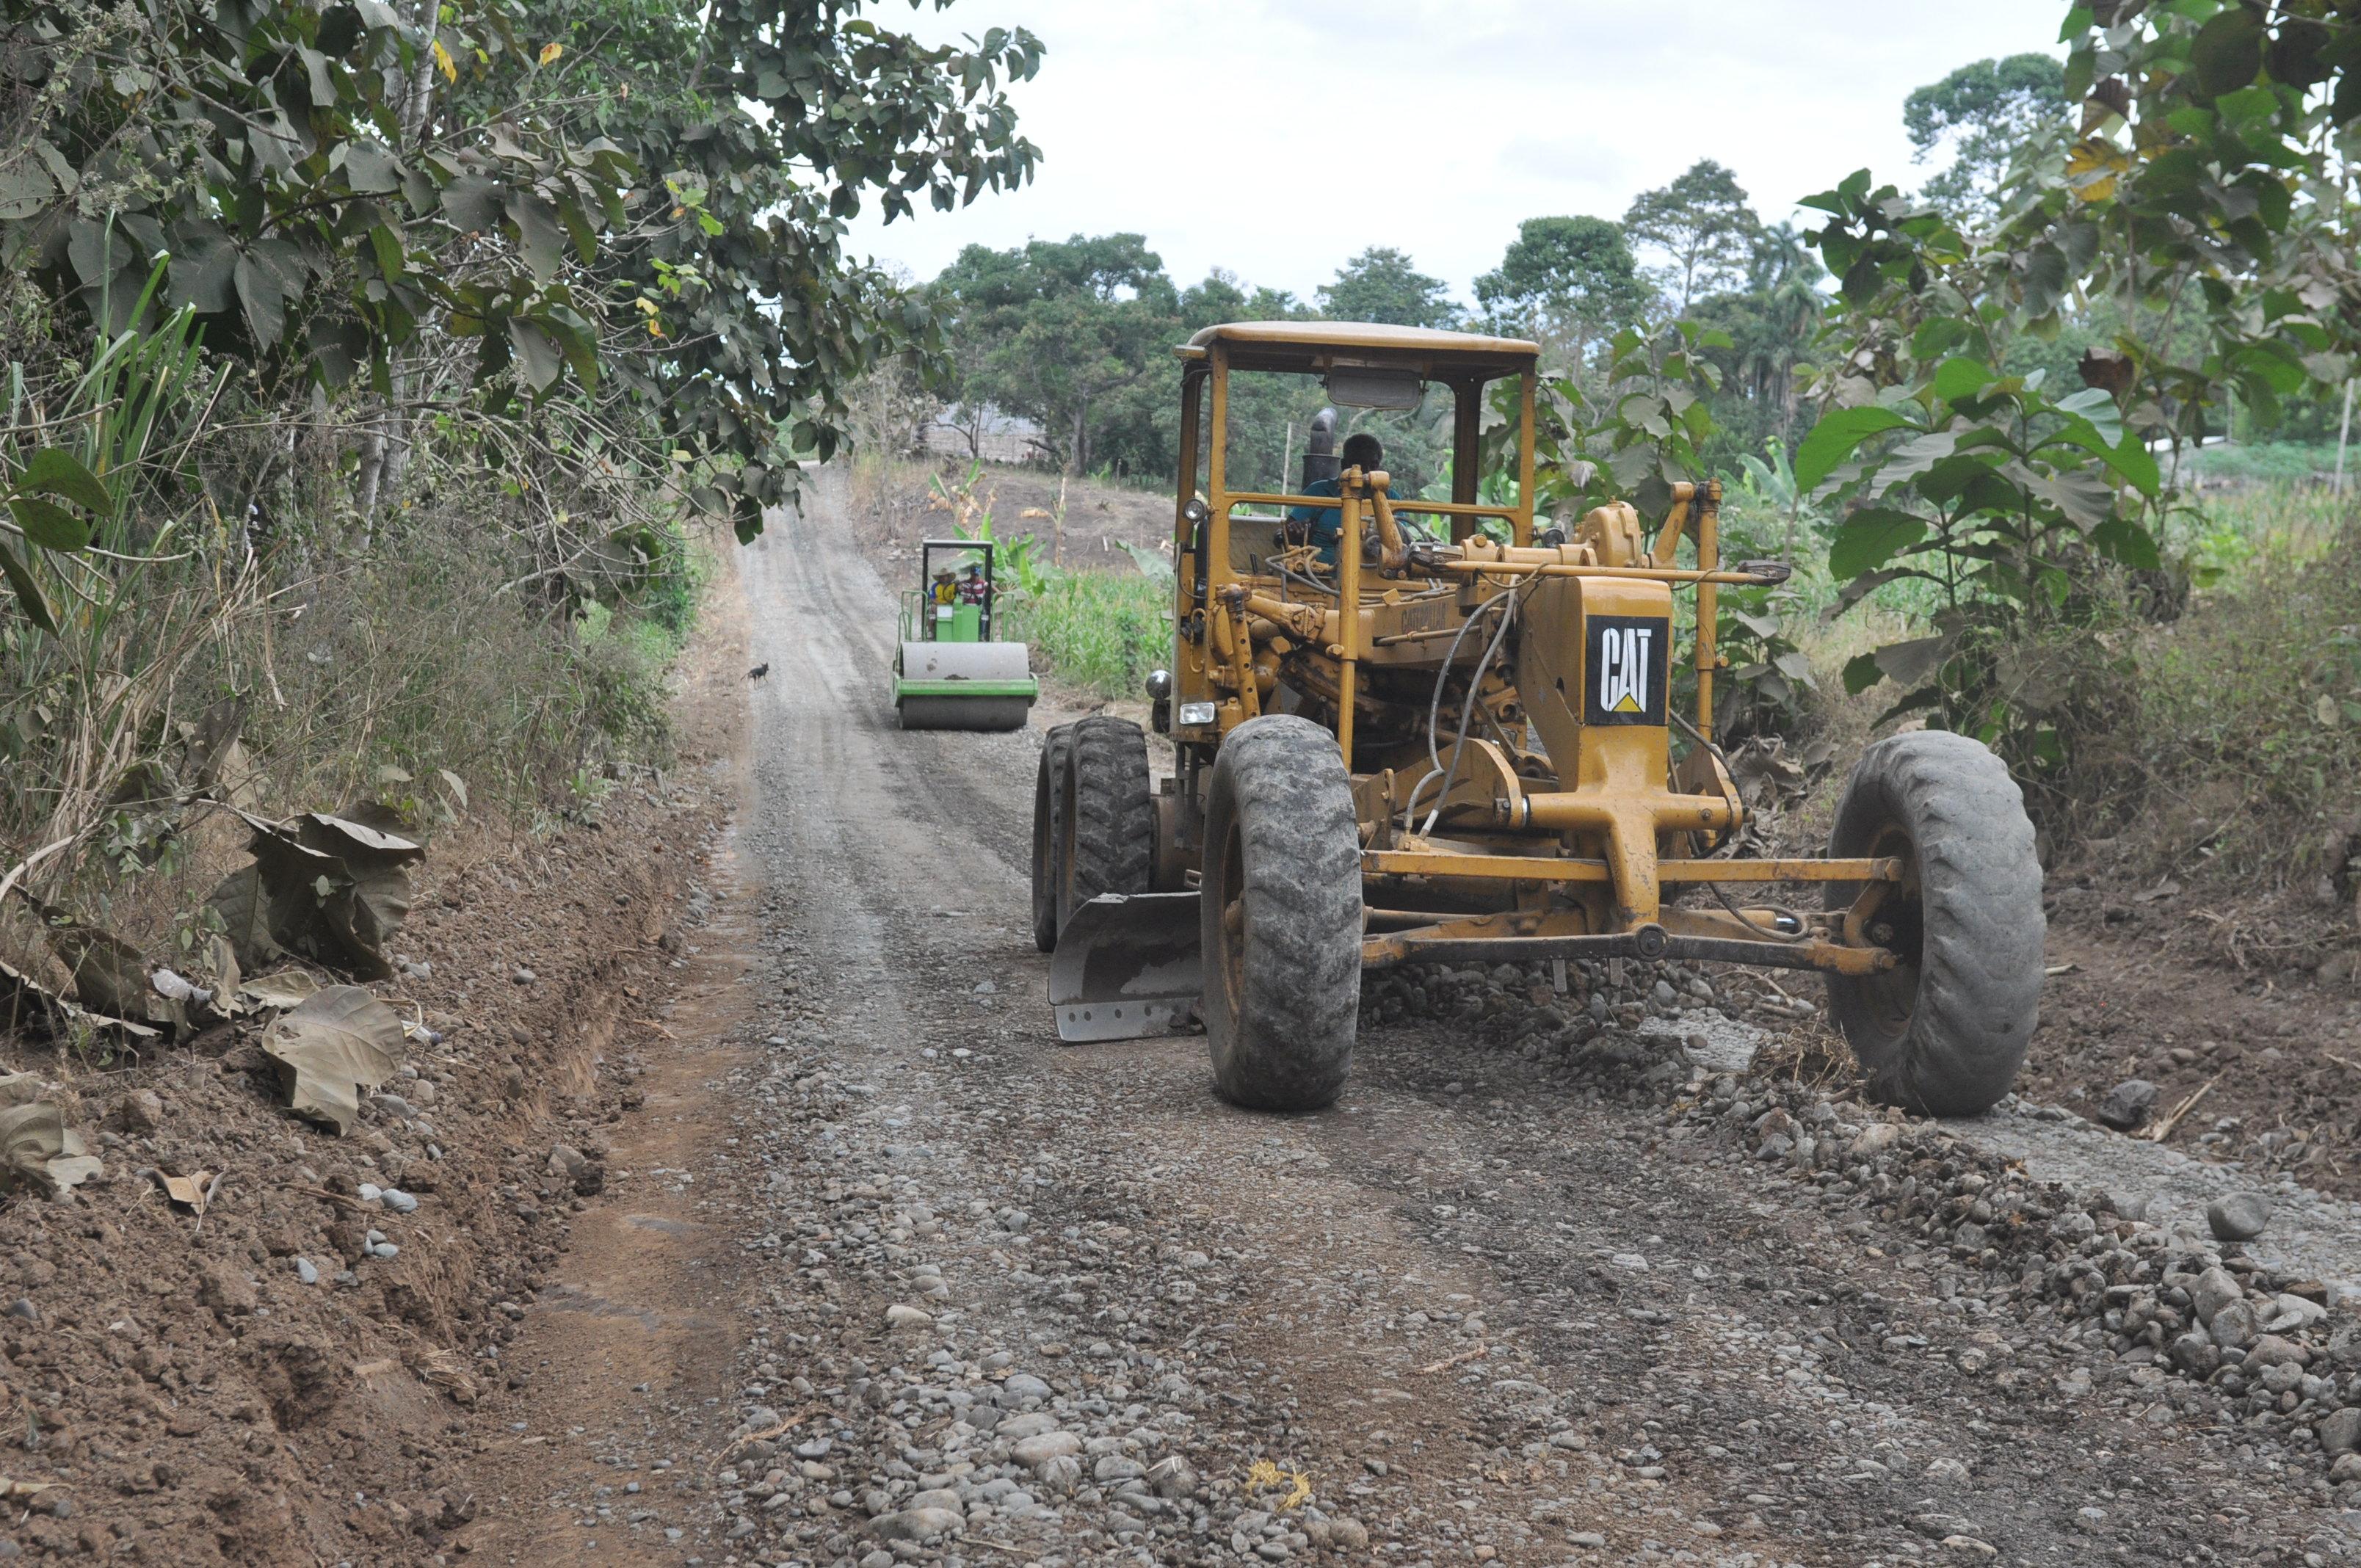 Arreglan de vías rurales